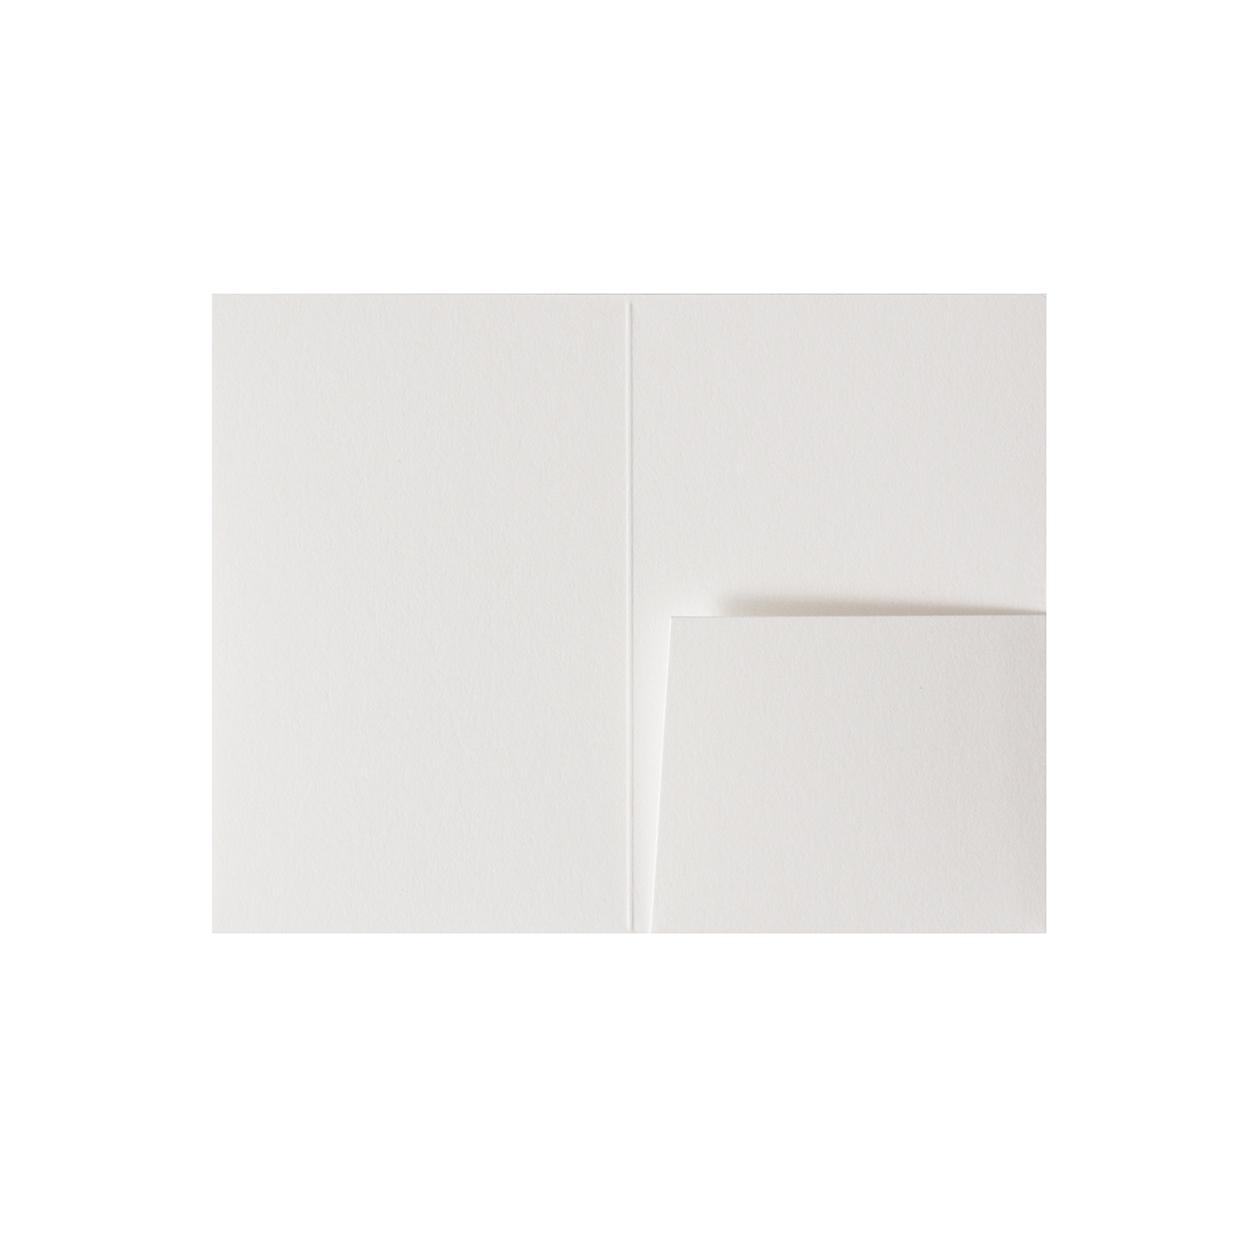 カードフォルダー 1ポケット コットン スノーホワイト 232.8g